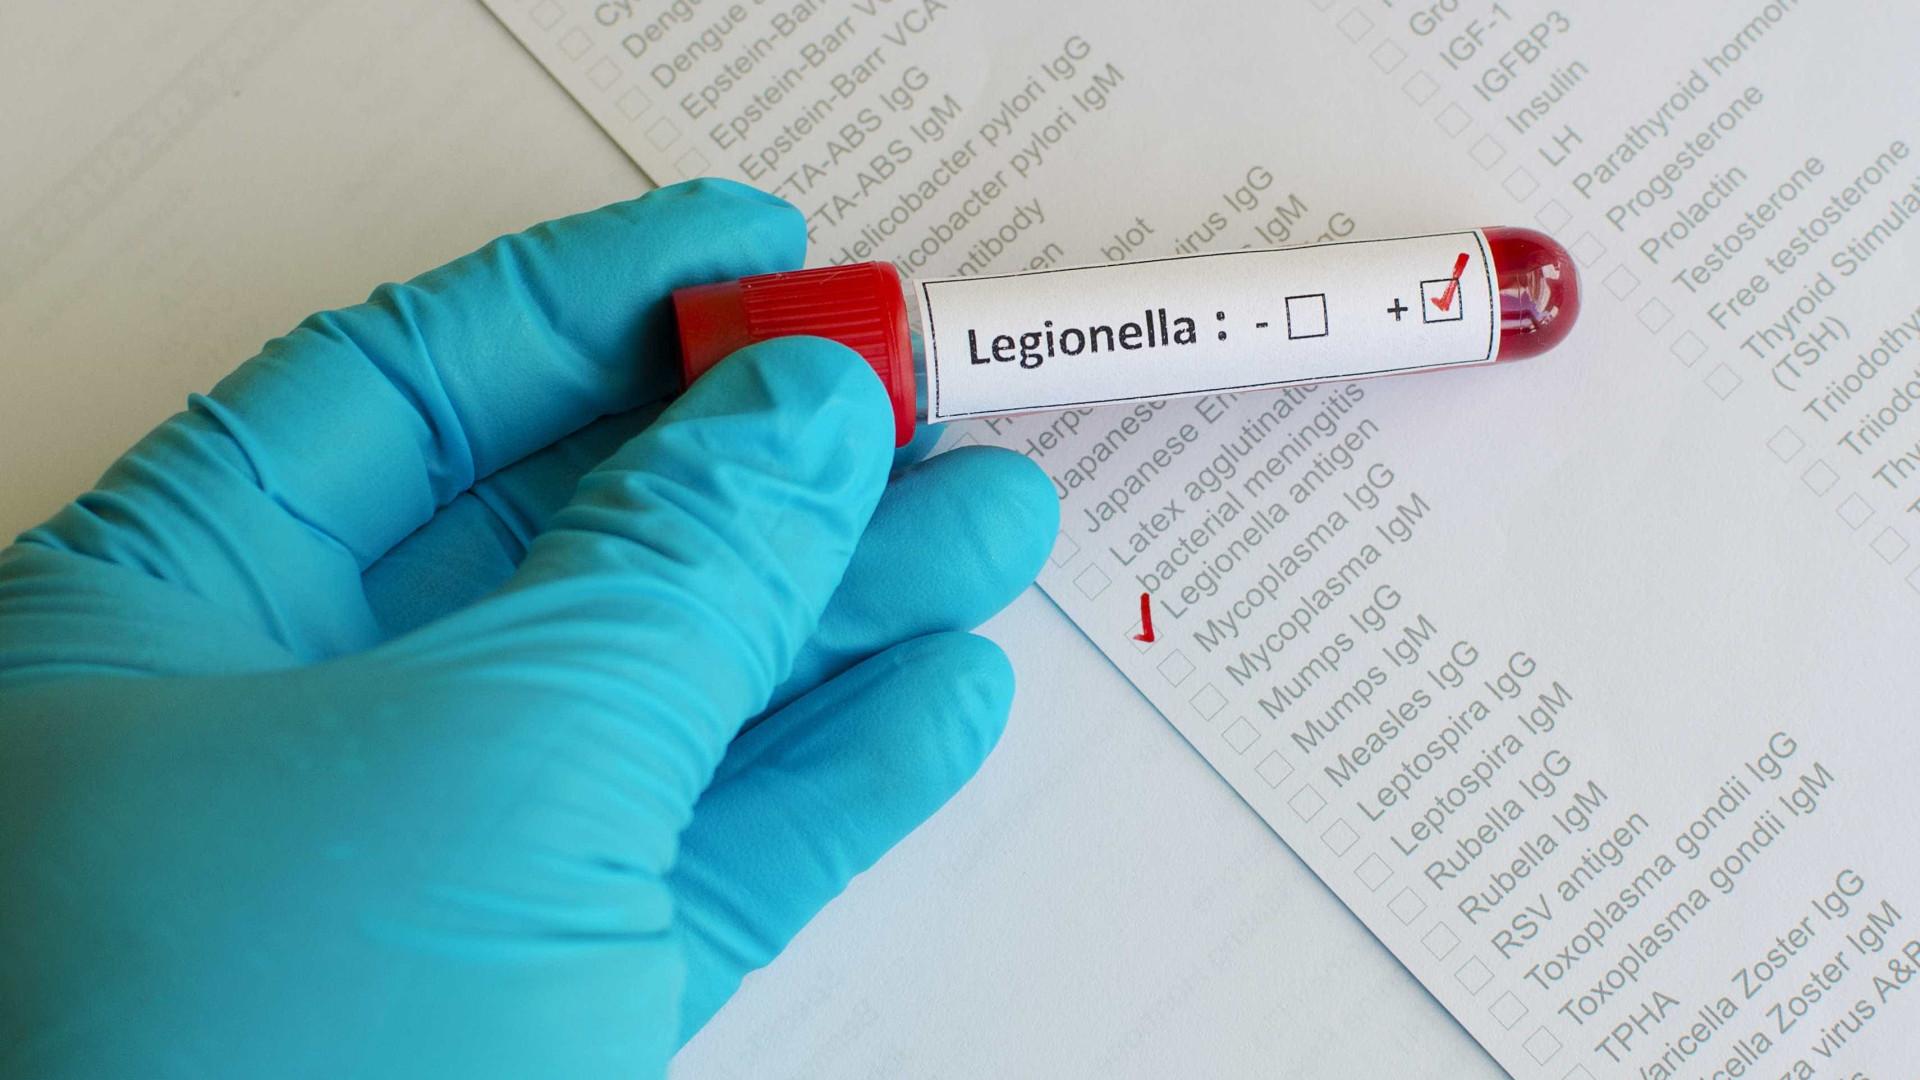 Aumenta para 48 o número de casos de Legionella